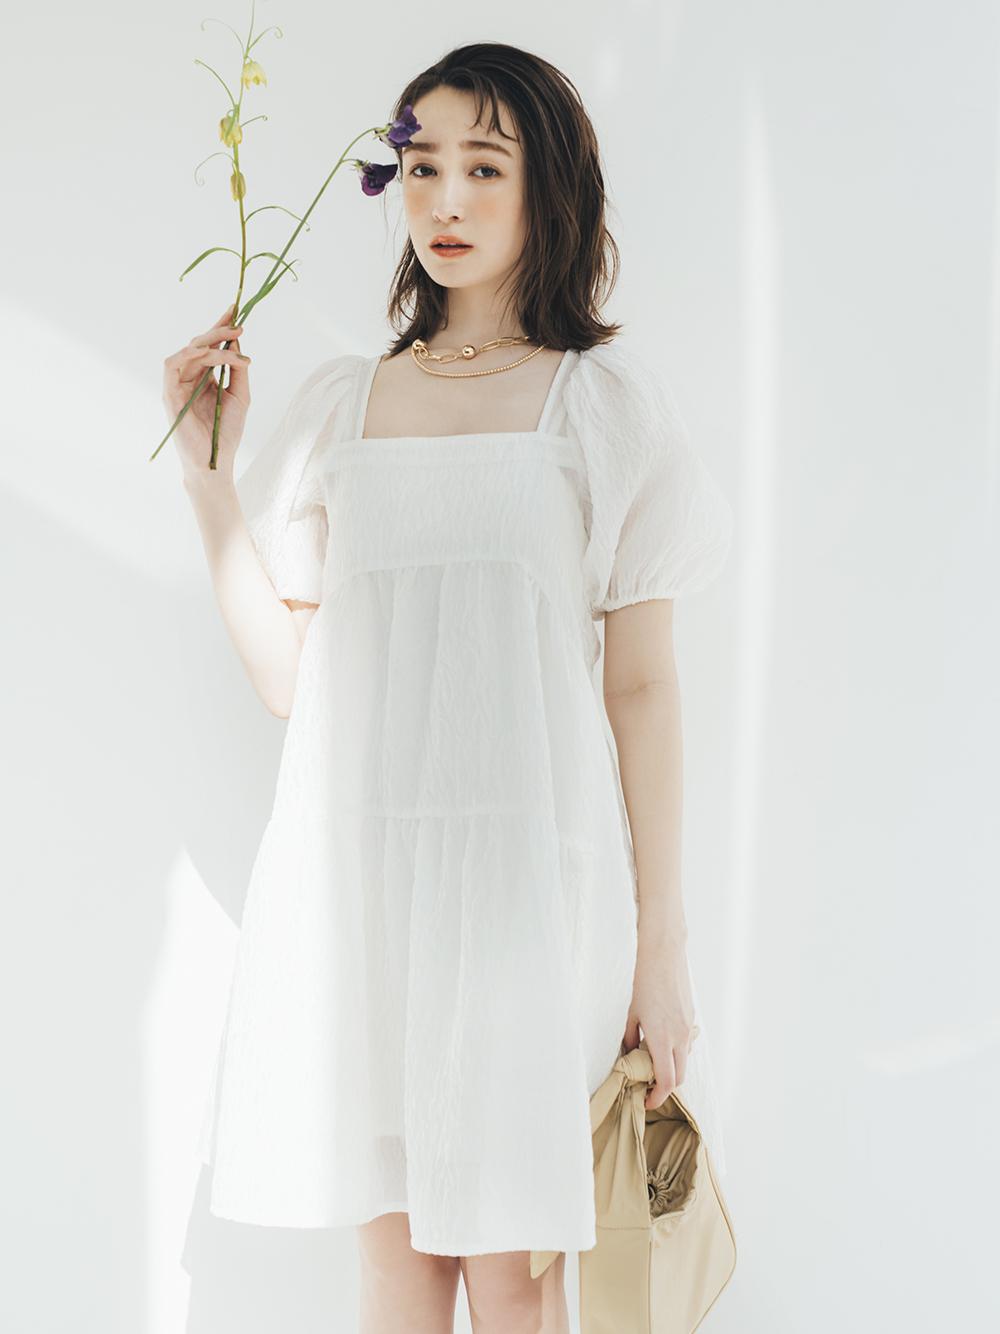 透膚澎袖短版連身裙